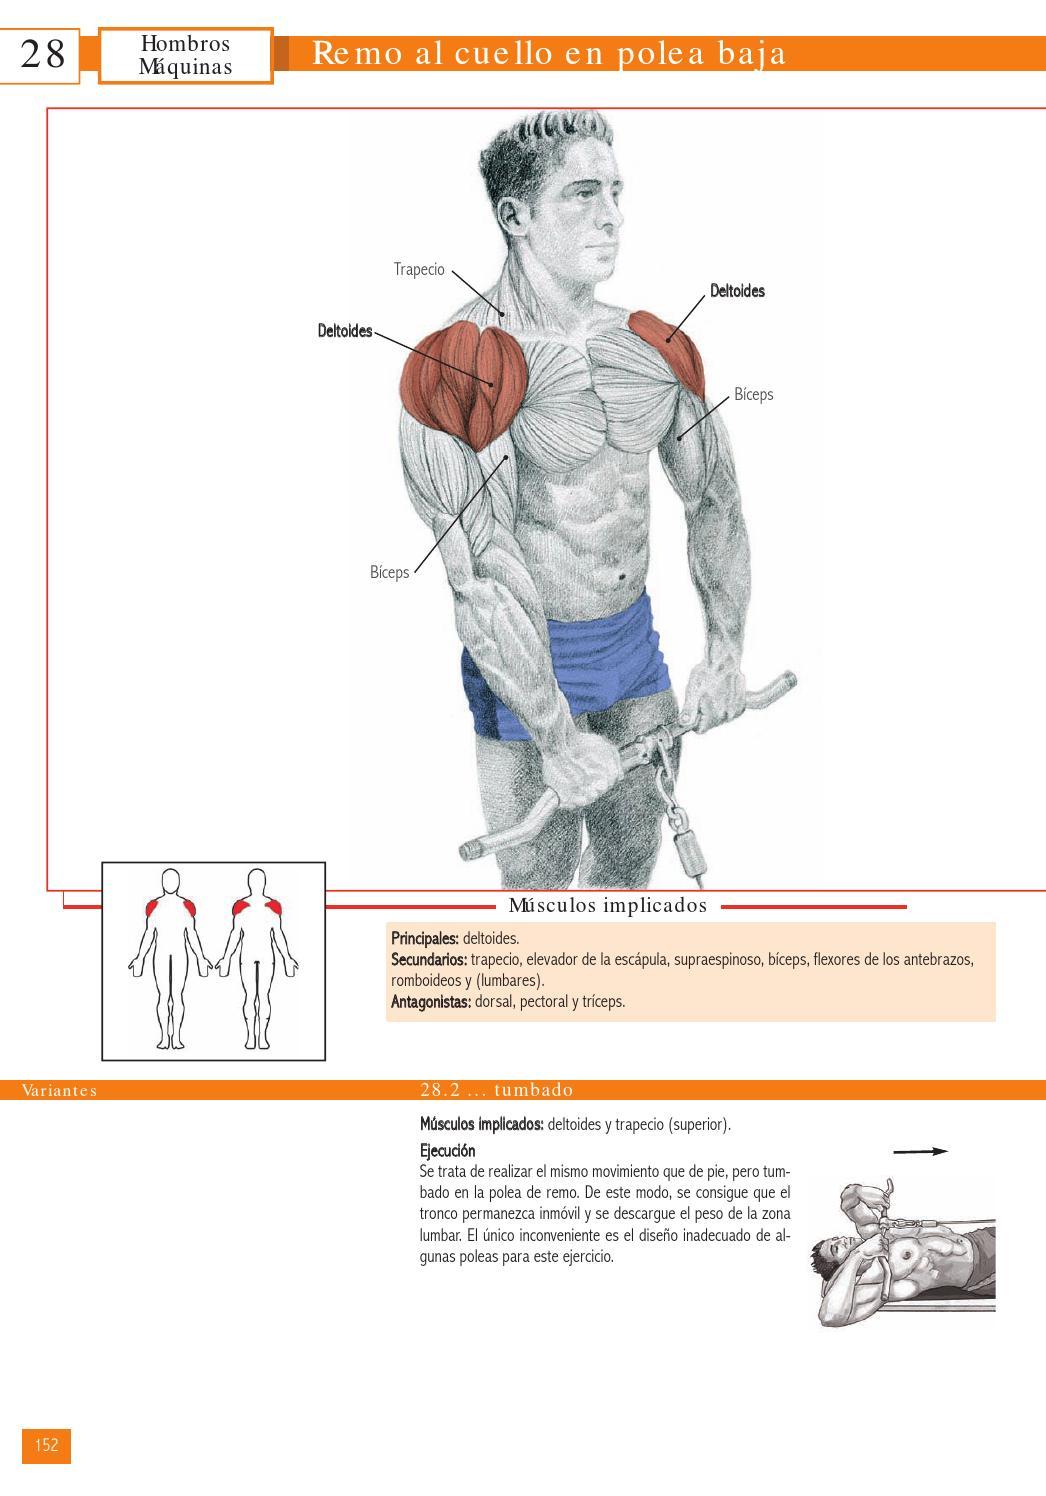 remo polea baja musculos implicados